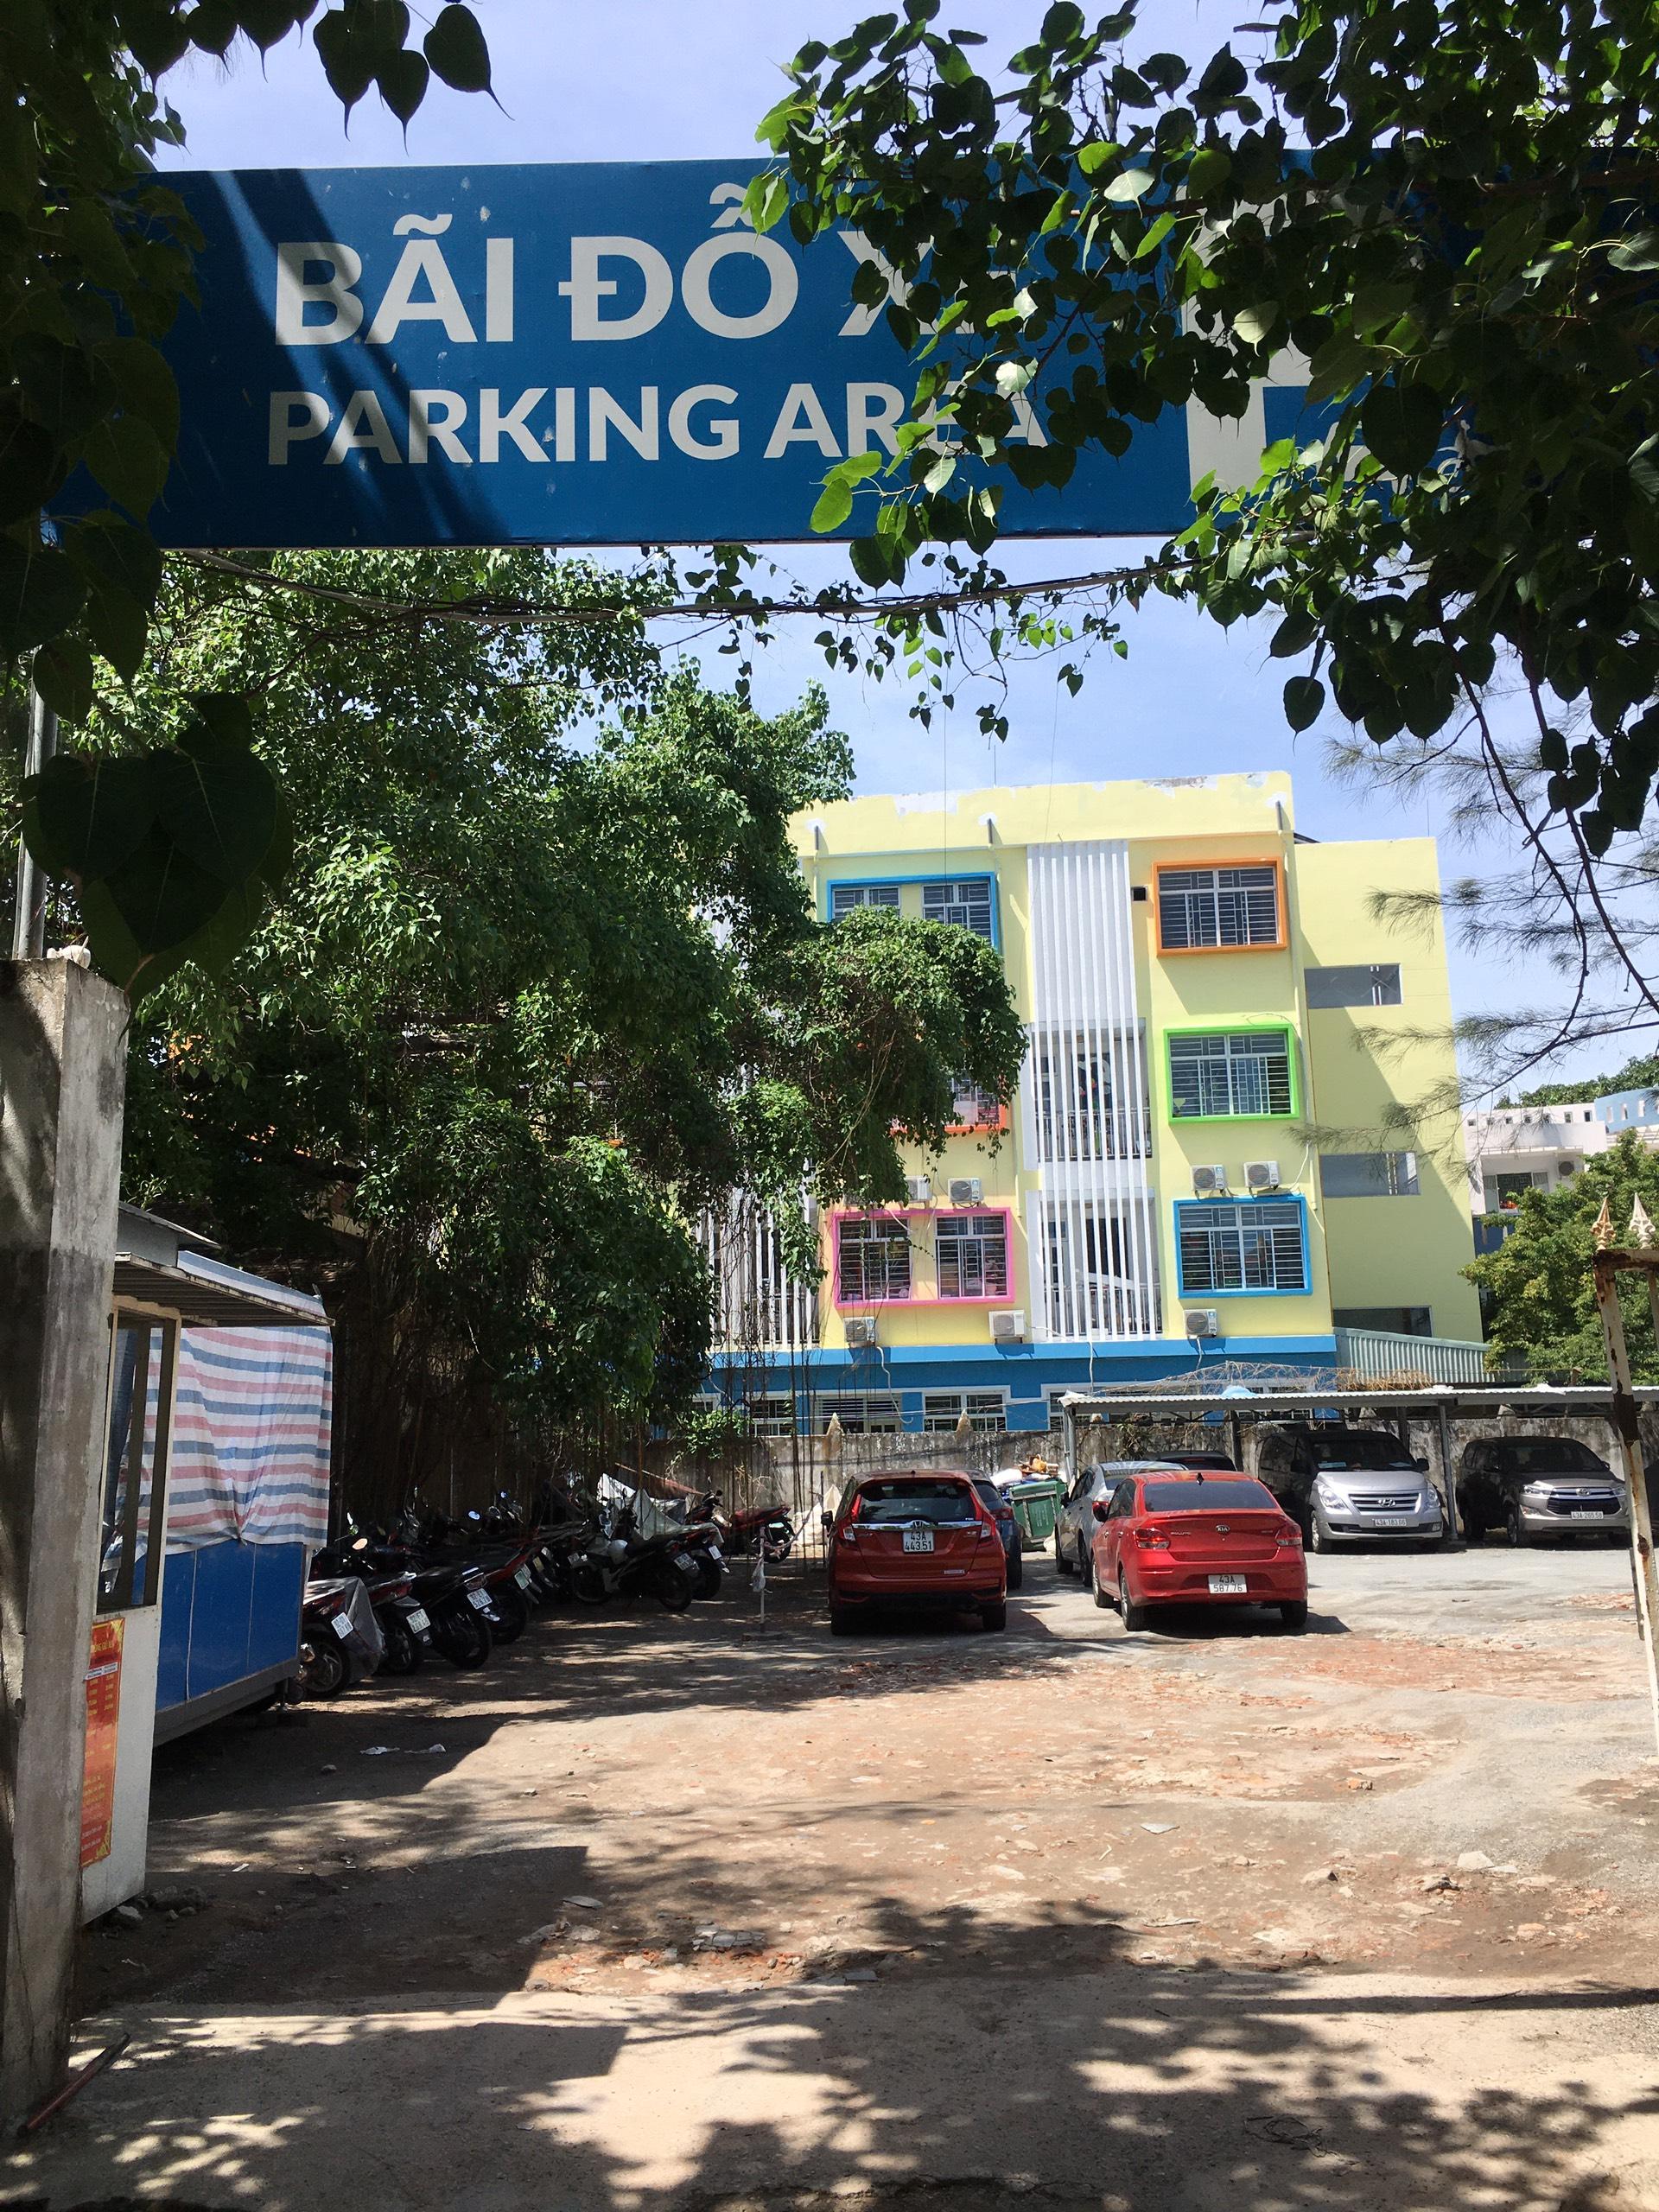 Cận cảnh hai khu đất gần cầu Rồng, Đà Nẵng sẽ đấu giá làm bãi đỗ xe - Ảnh 5.